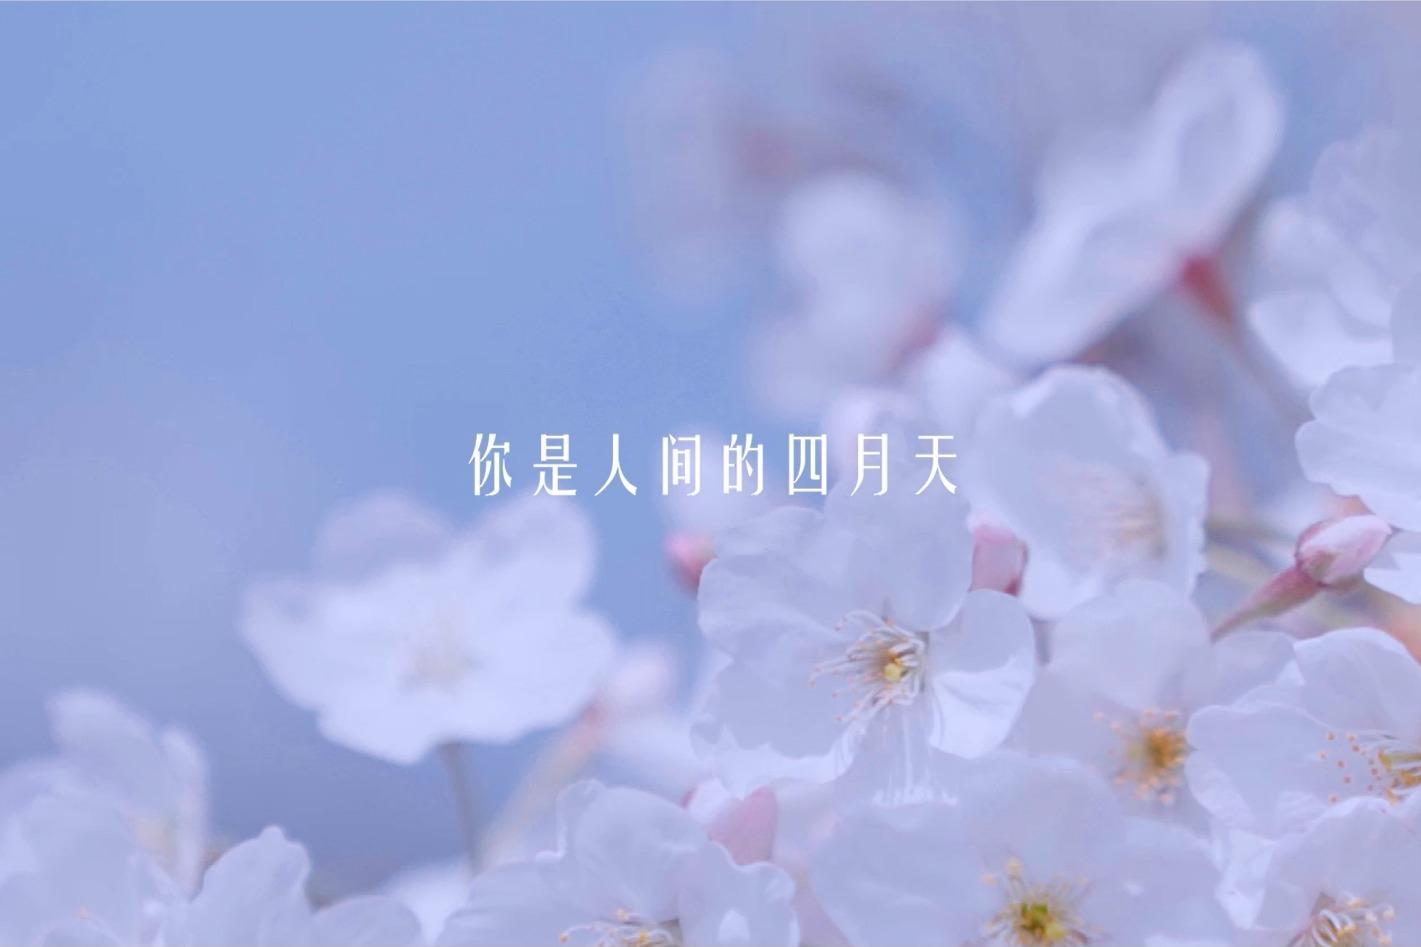 【山河春意】你是人间的四月天